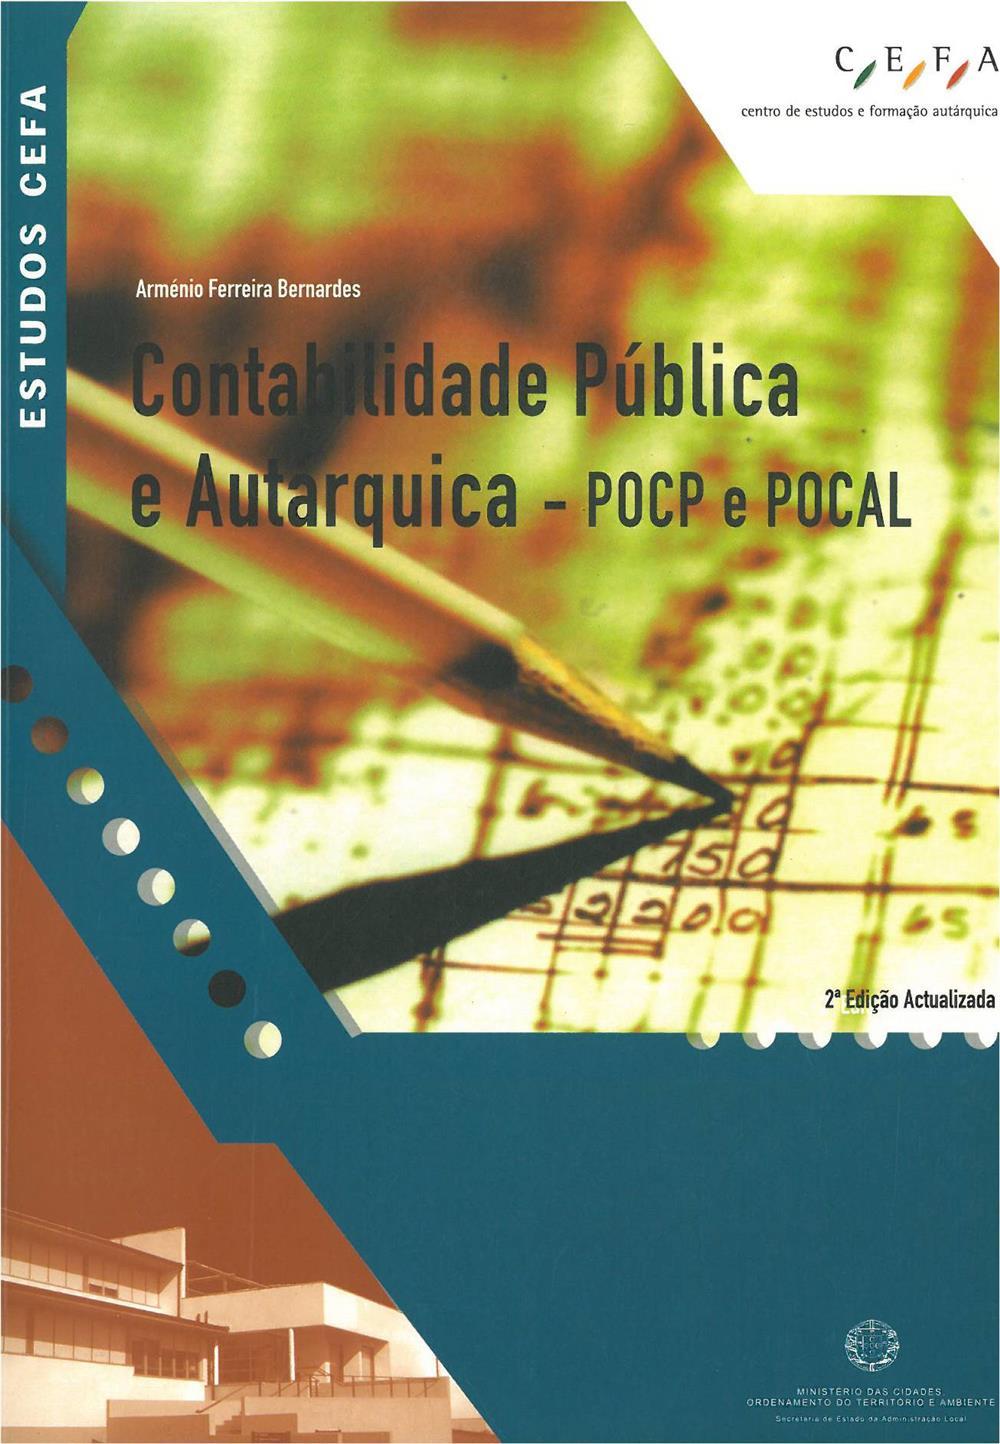 Contabilidade pública e autarquica_.jpg